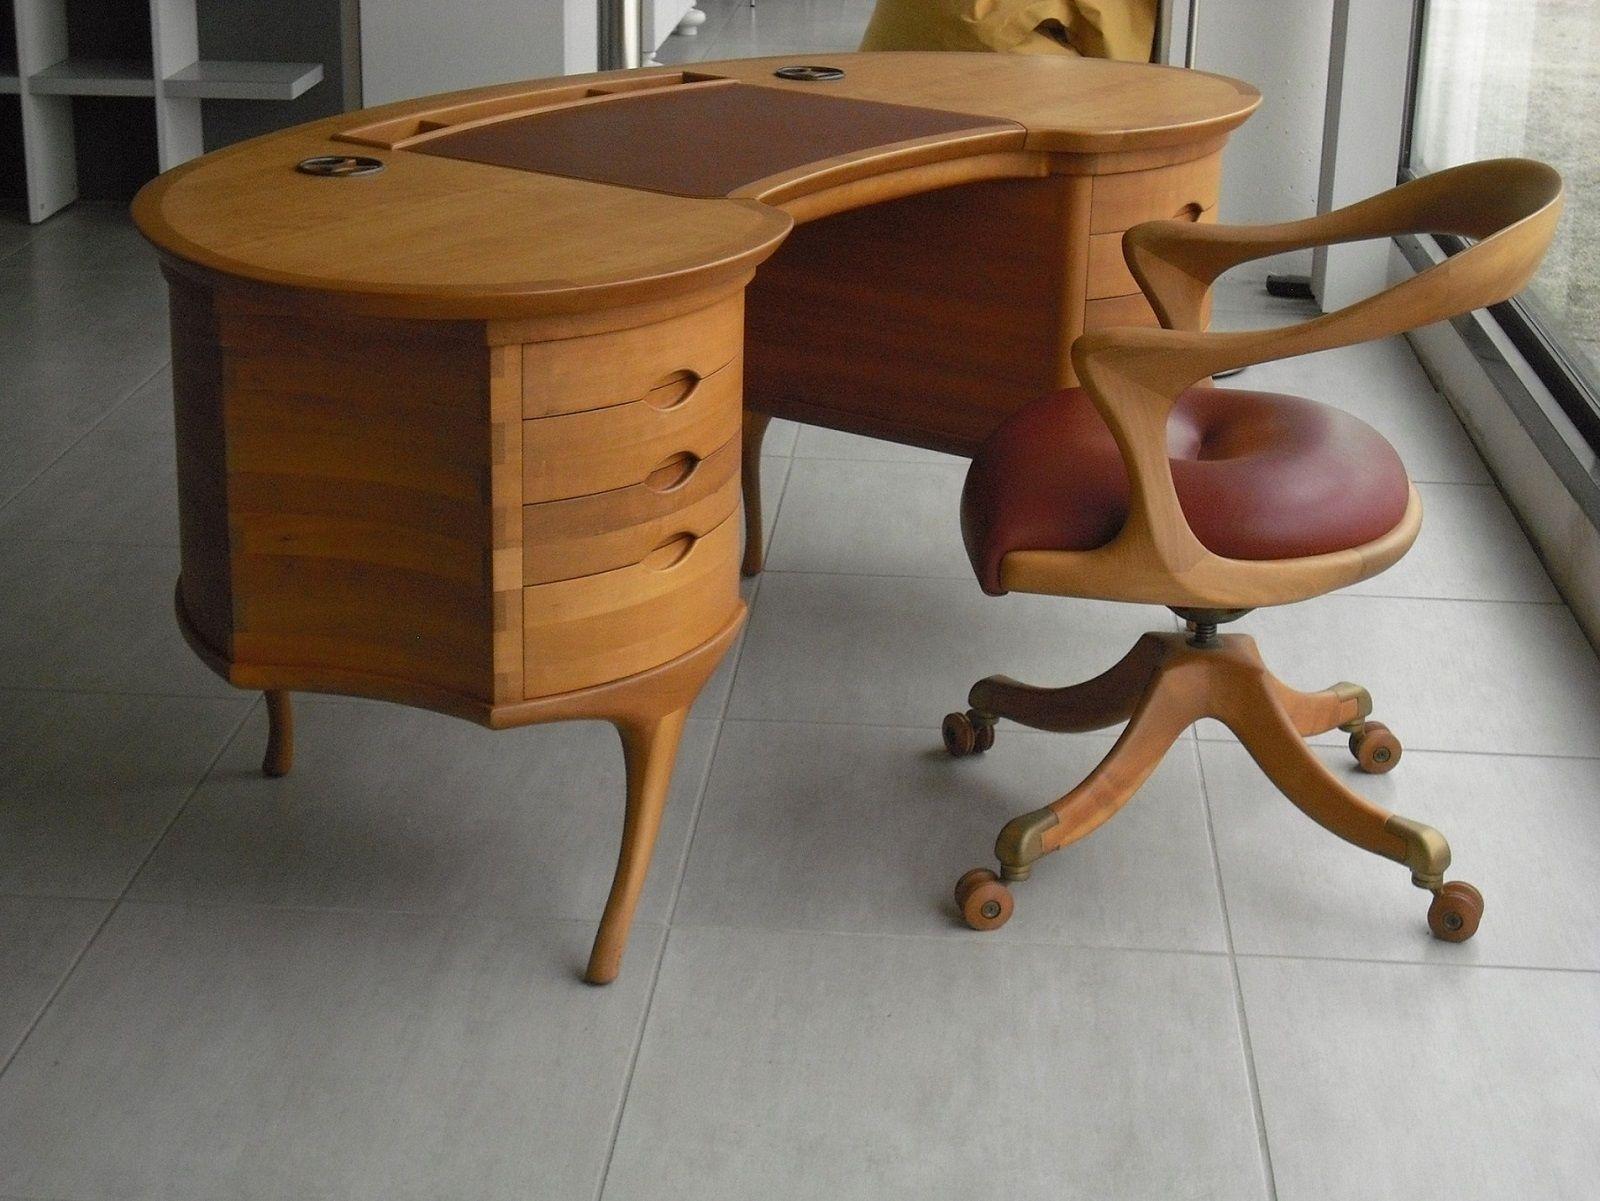 CECCOTTI scrivania BEAN poltrona MARLOWE - 意大利風格的桌椅